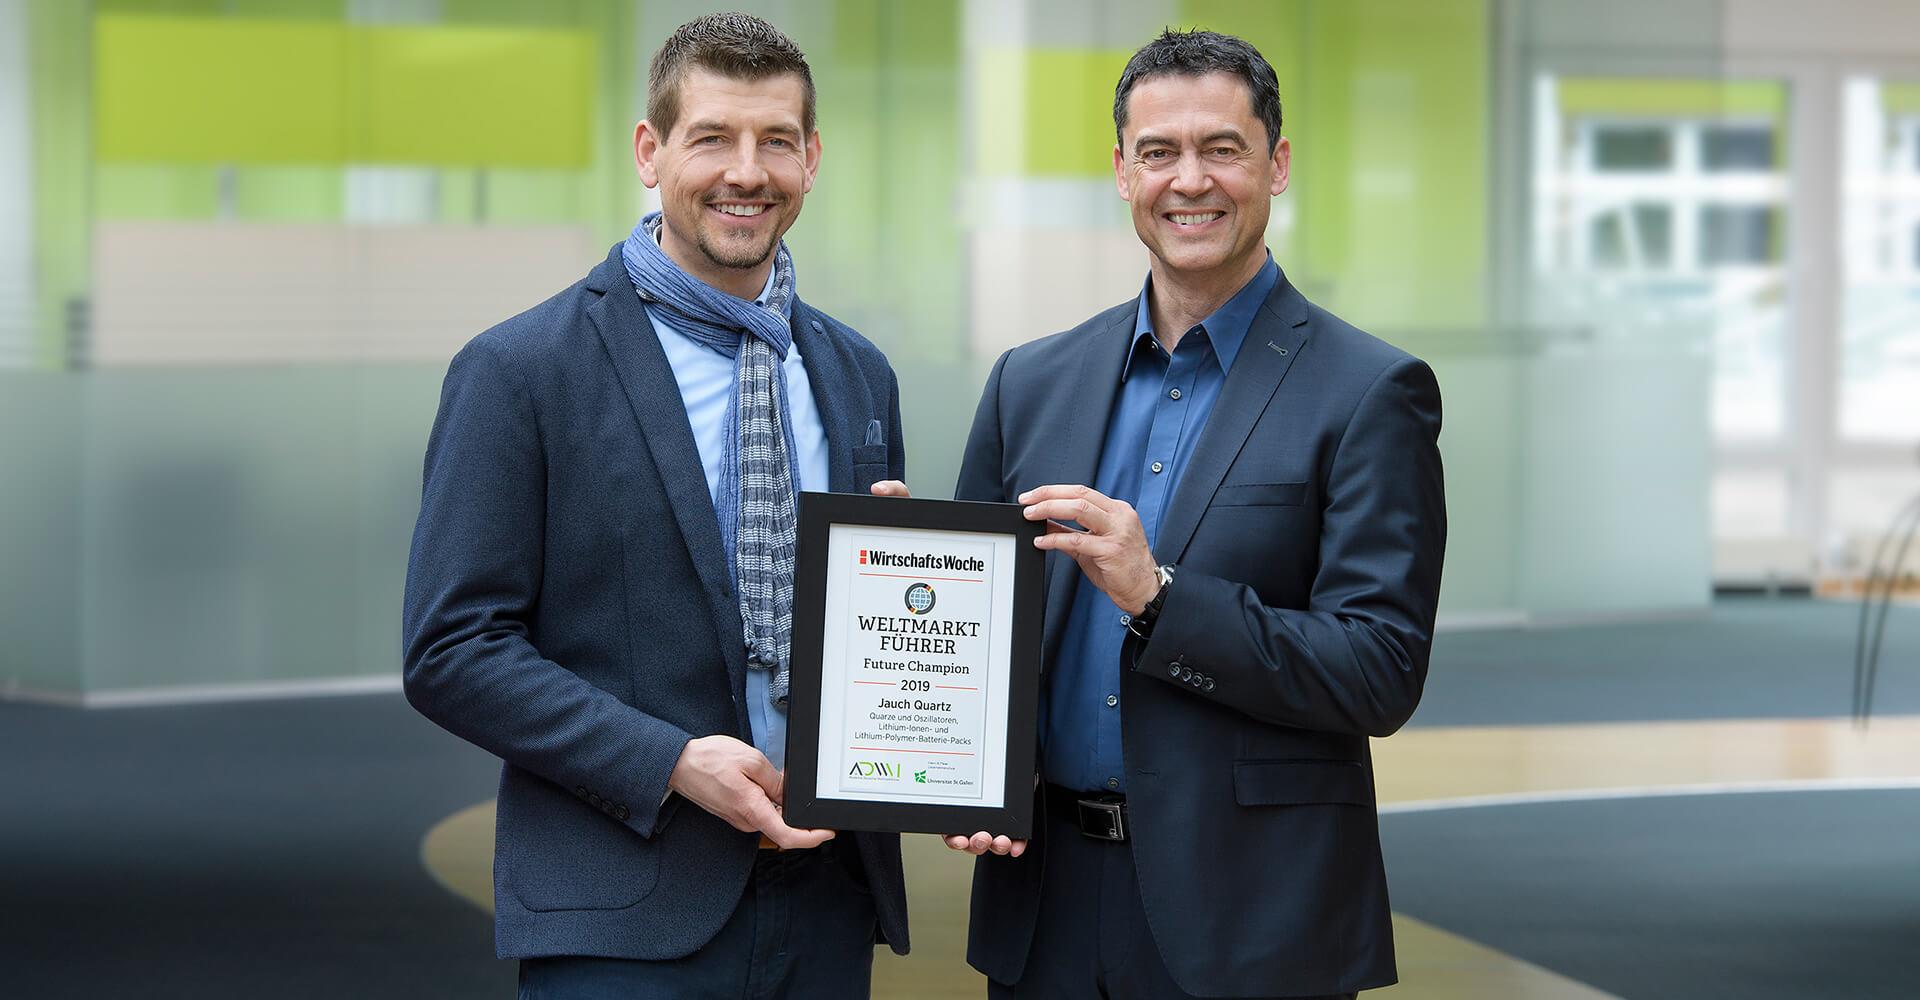 Steffen Fritz und Daniel Panzini präsentieren die Auszeichnung zum Future Champion 2019